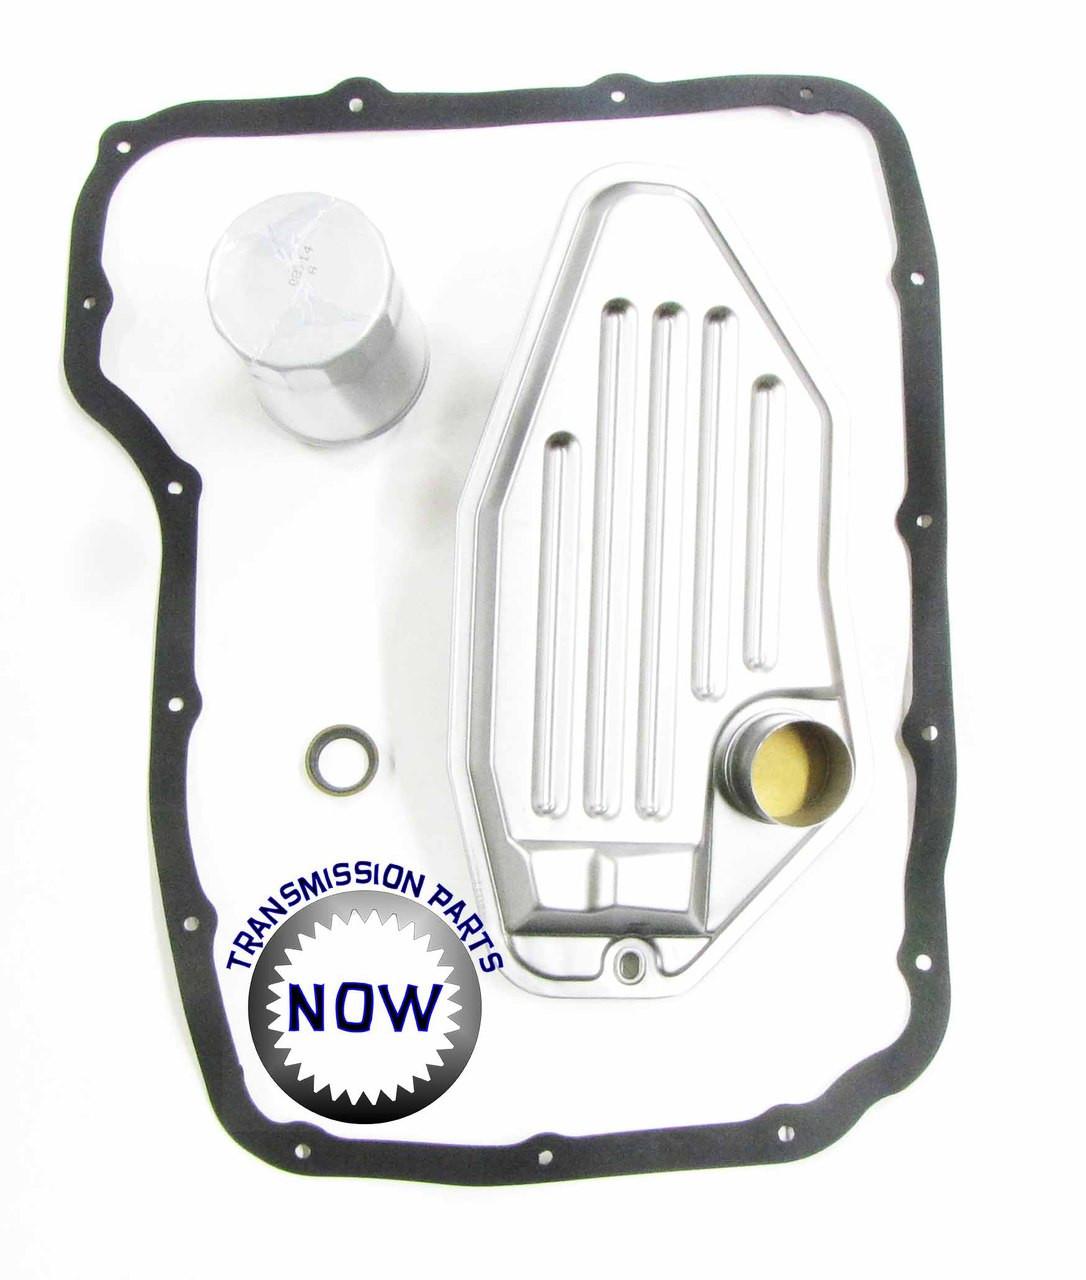 Oxygen Sensor-Direct Fit NGK 24235 fits 02-04 Honda Odyssey 3.5L-V6